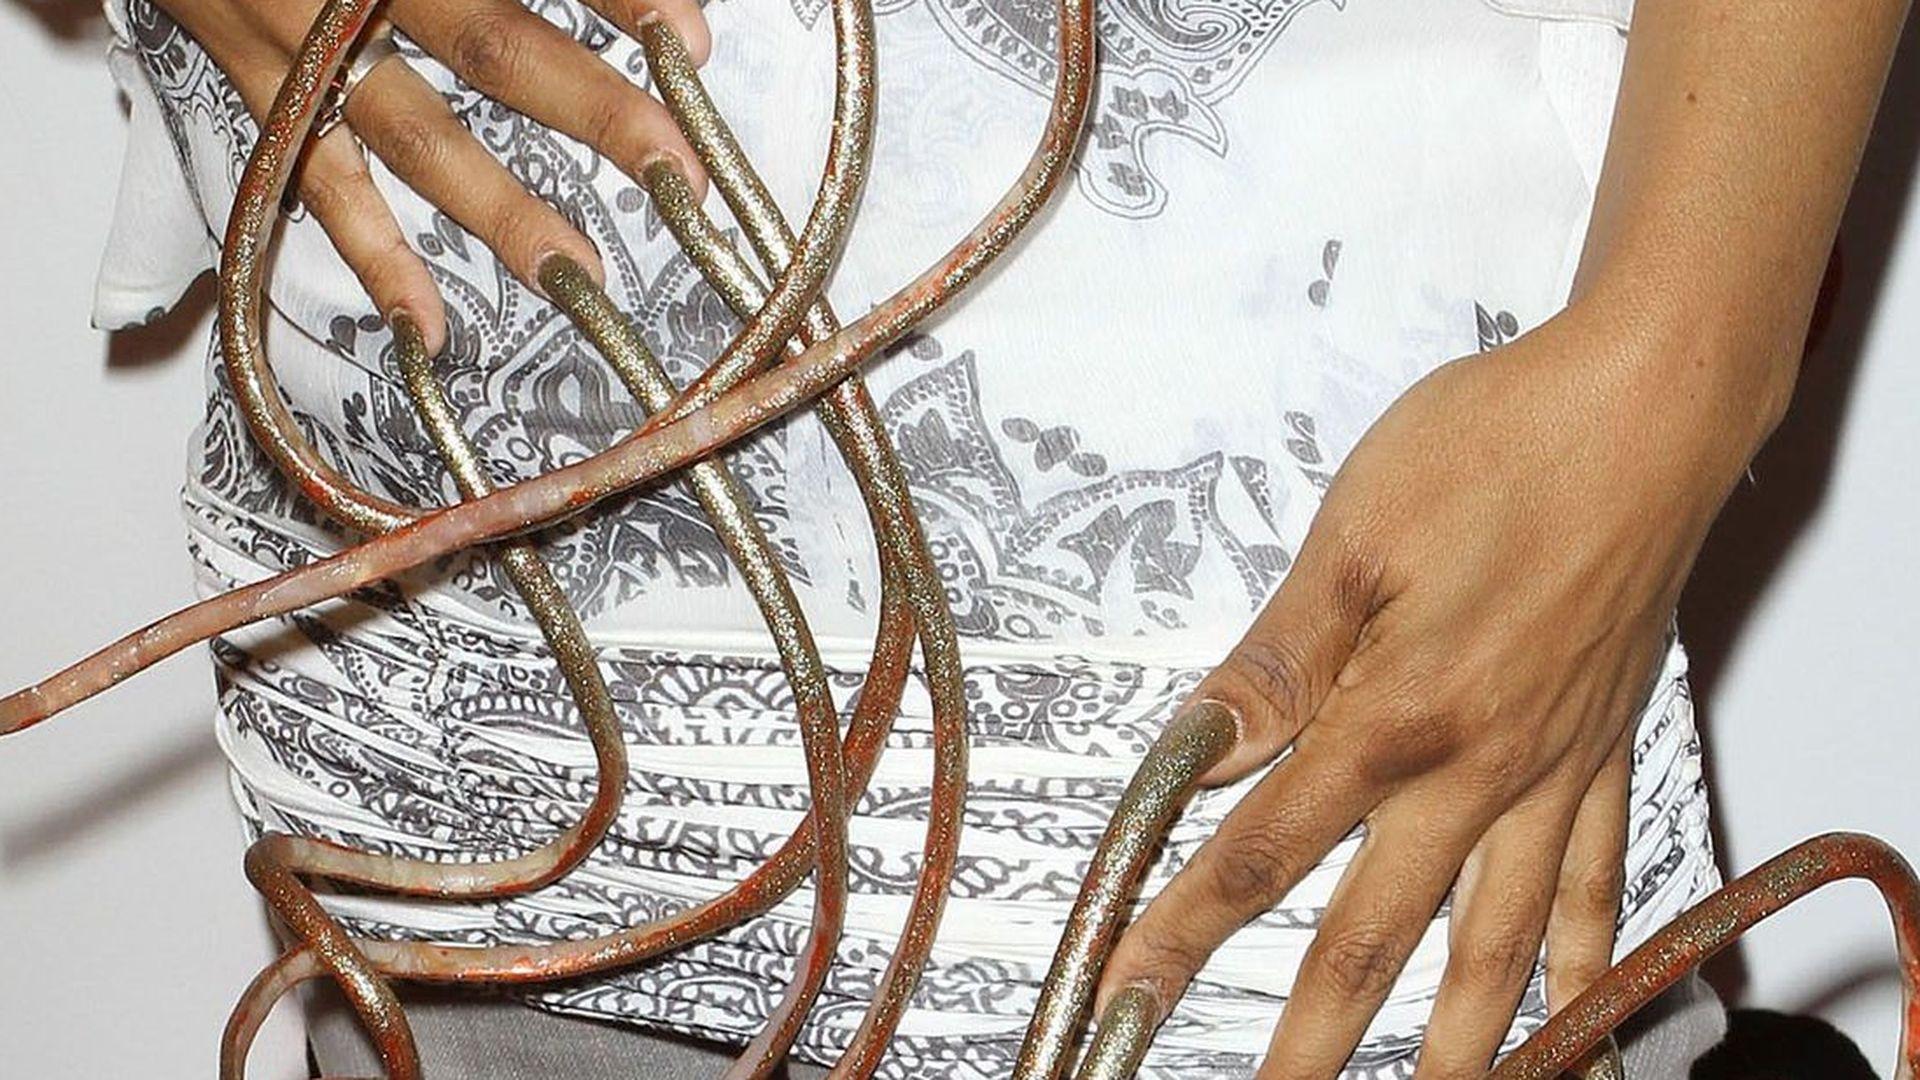 Sängerin hat die längsten Fingernägel der Welt | Promiflash.de